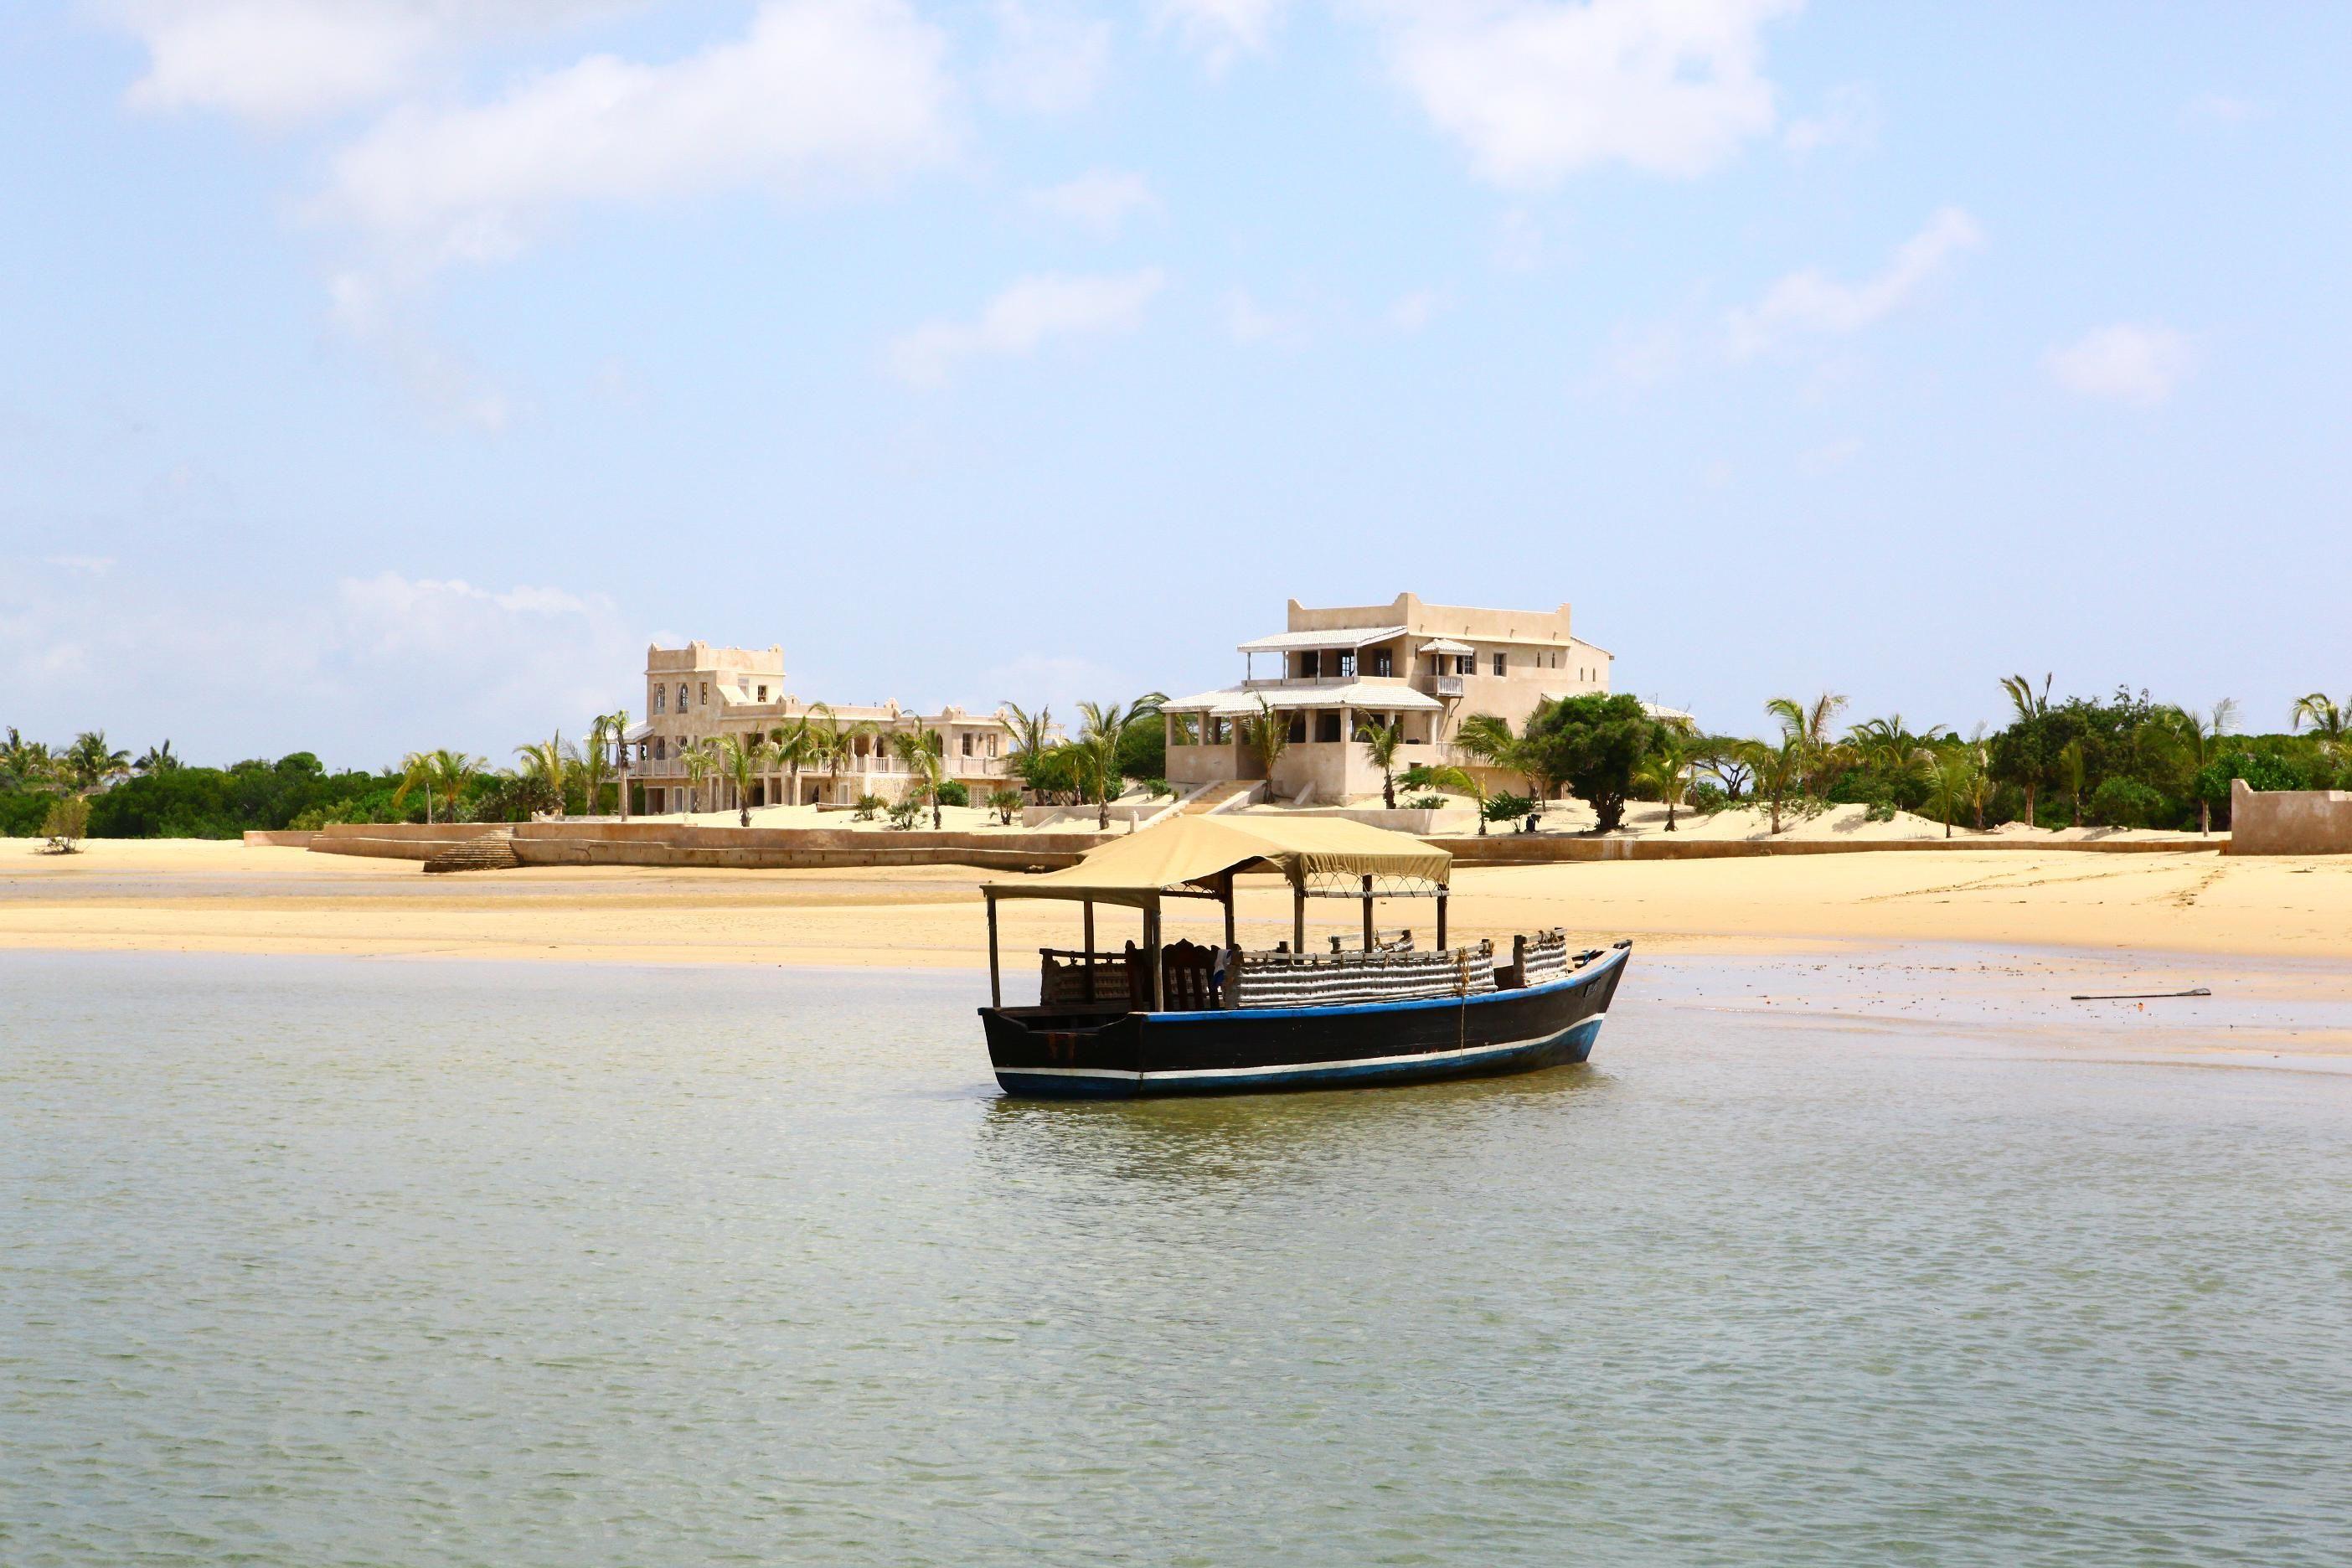 Île de Lamu, Kenya#Tout au nord de la côte kenyane, aux portes de la Somalie, l'île de Lamu flotte au cœur d'un petit archipel partagé entre plages de sable chaud, mangroves, palmiers et broussailles. Pour accéder à l'île de Lamu, il n'y a que le bateau ou l'avion. Pour y circuler, pas de voitures, seulement des ânes. La ville concentre l'essentiel de la culture locale et des traditions islamiques.#http://urlz.fr/3hqw#hotelexcellence.typepad.fr